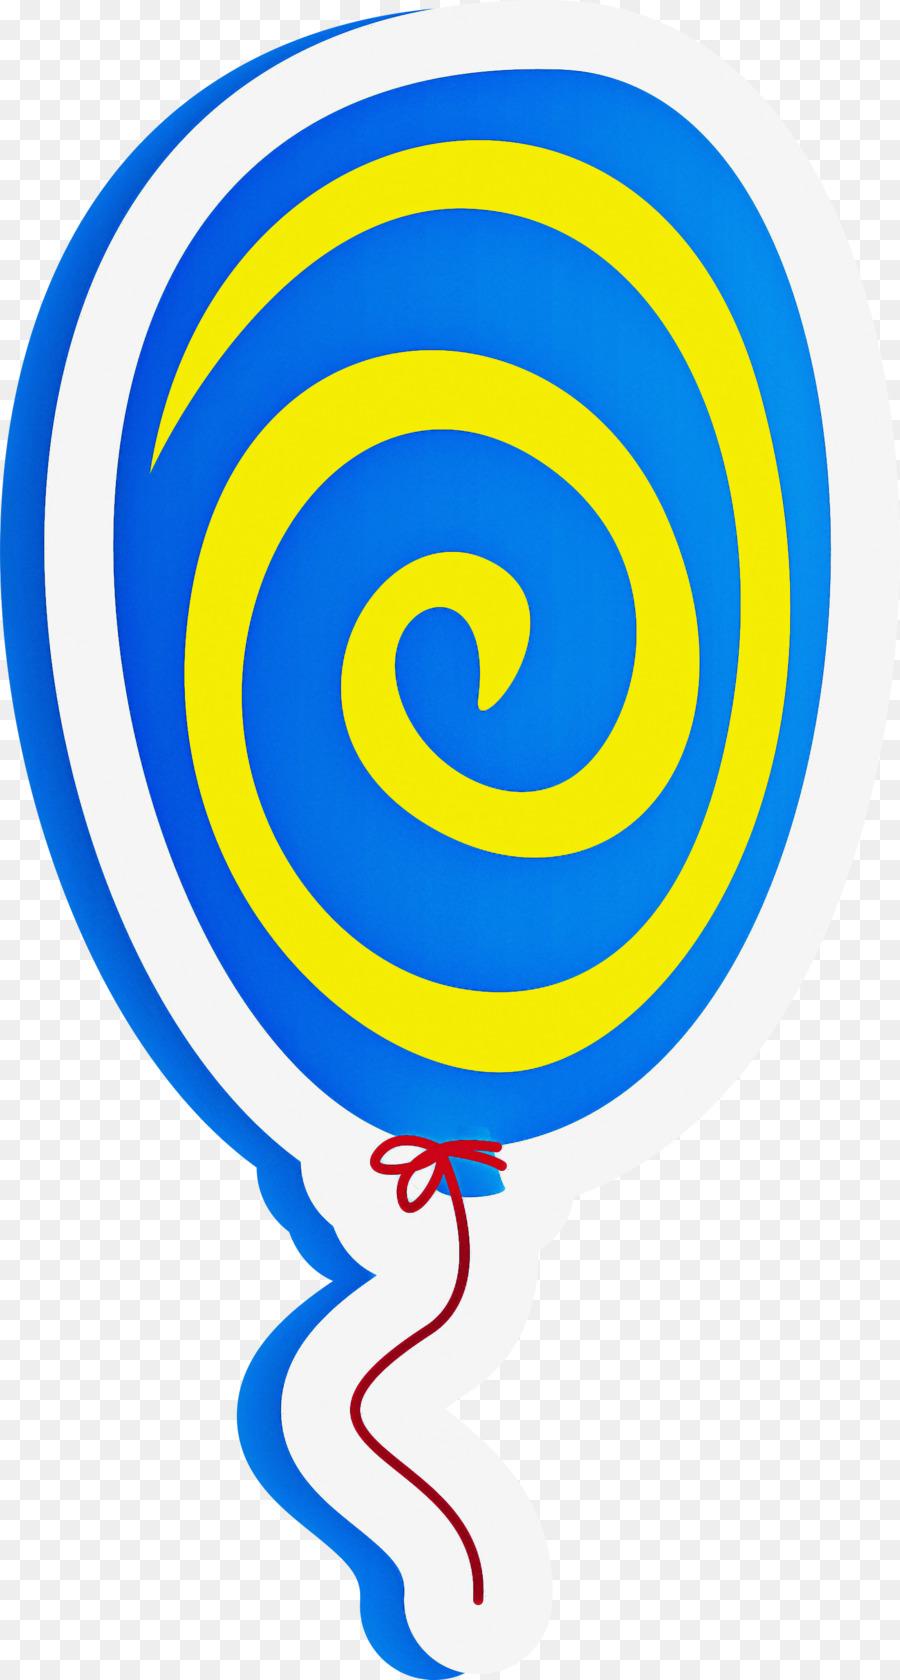 Descarga gratuita de Royaltyfree, Globo, Cumpleaños Imágen de Png